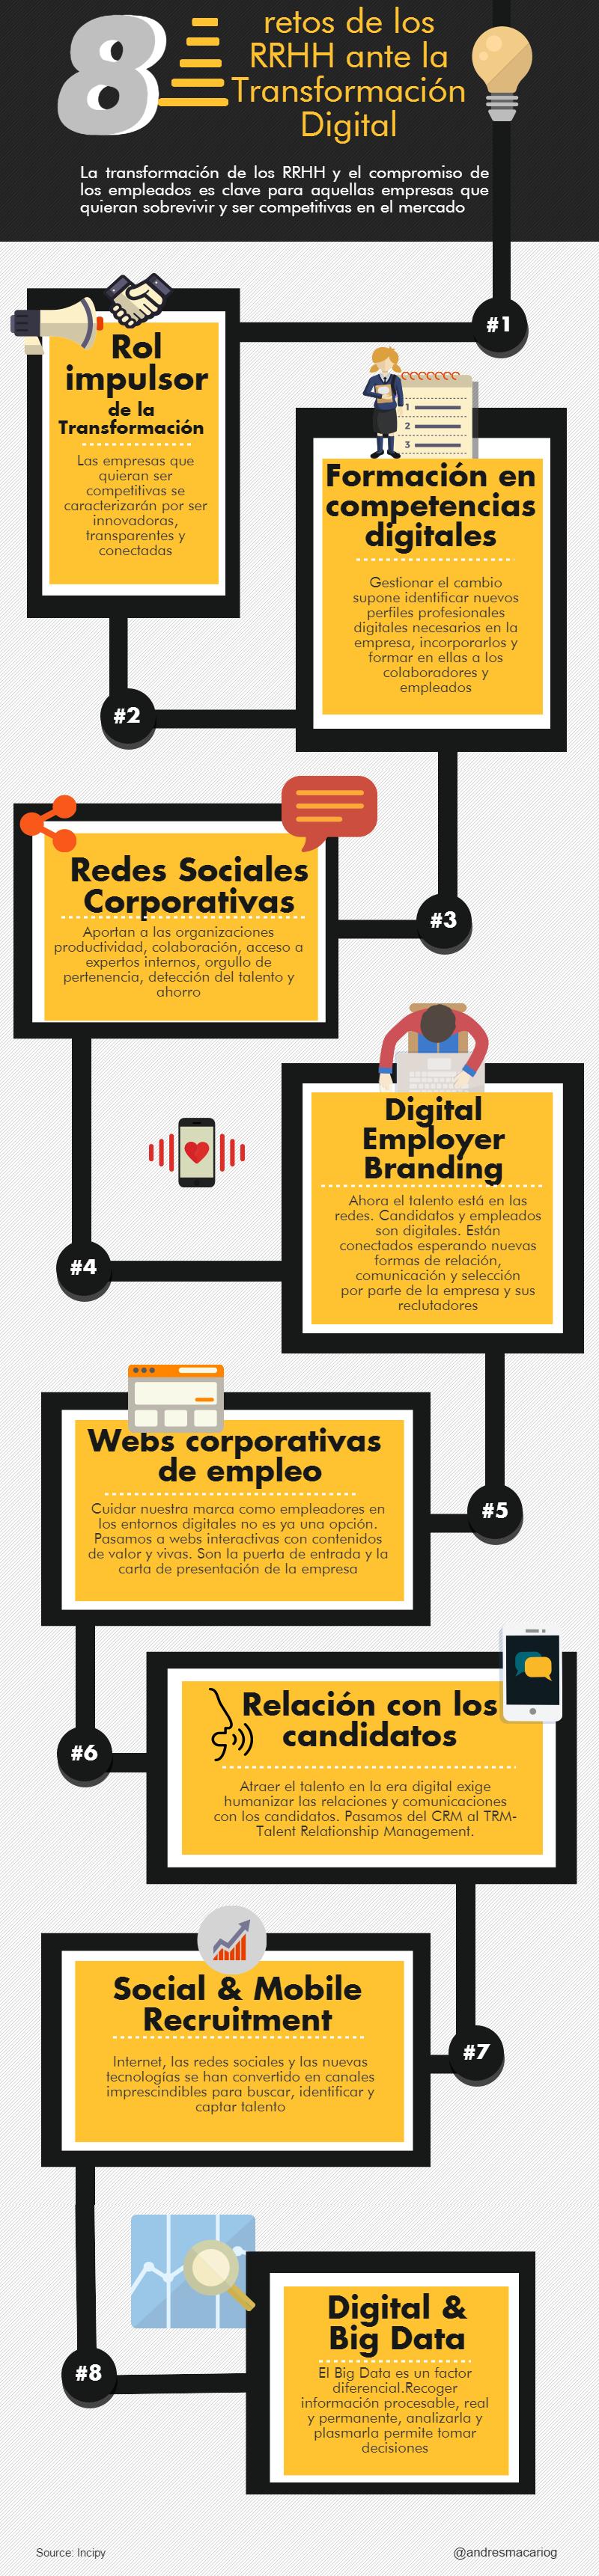 Infografia - 8 retos de RRHH ante la Transformación Digital #infografia #infographic #rrhh - TICs y Formación